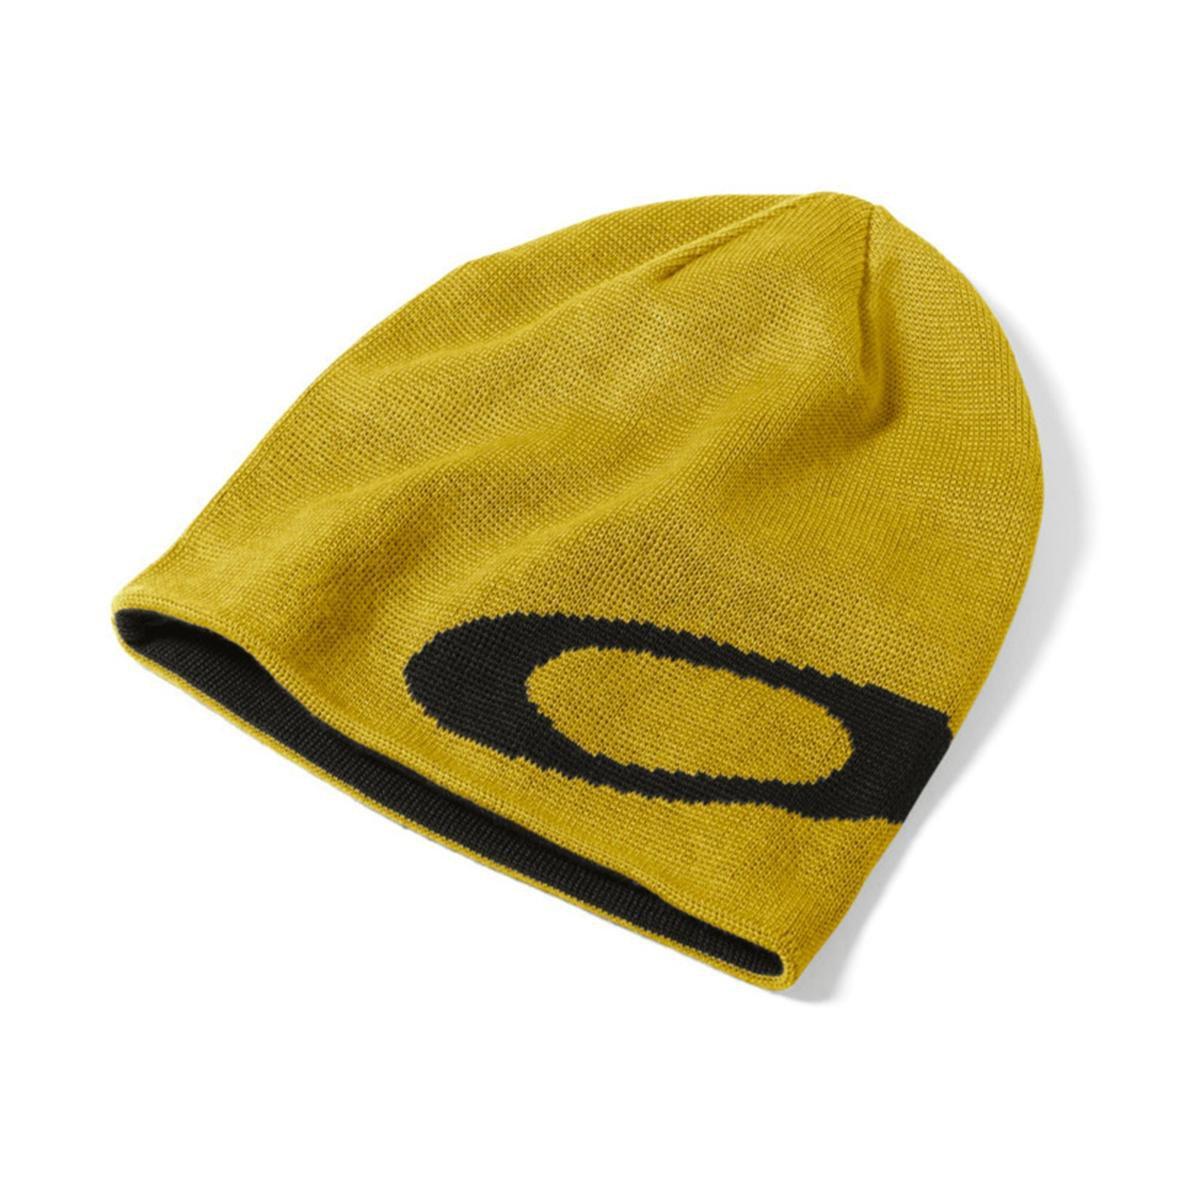 Gorro Oakley Mainline Beanie - Amarelo - Compre Agora  3f3d46846c0